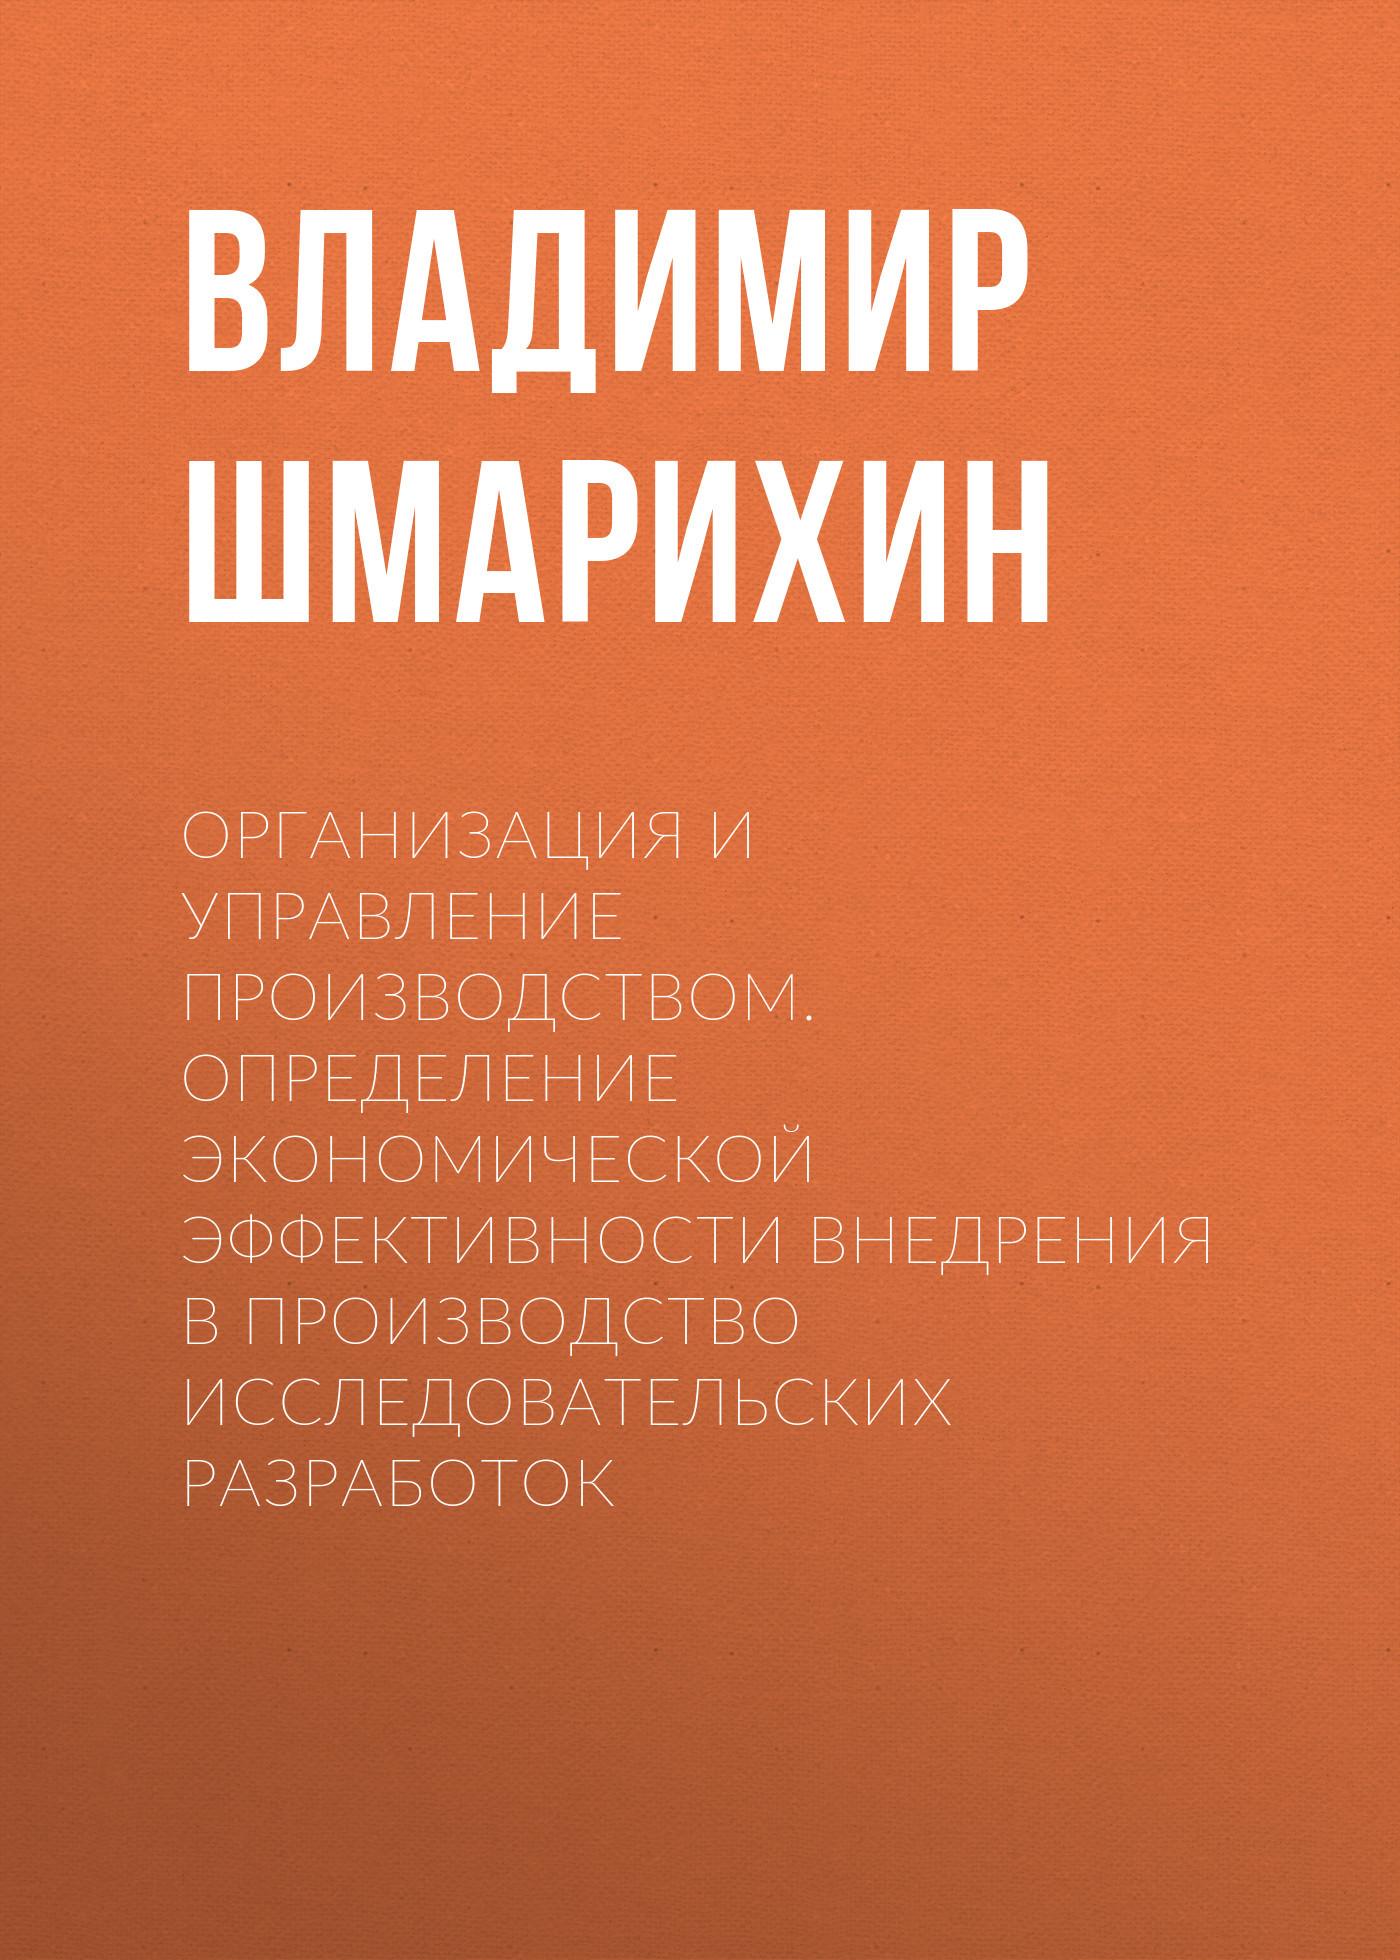 Владимир Шмарихин. Организация и управление производством. Определение экономической эффективности внедрения в производство исследовательских разработок